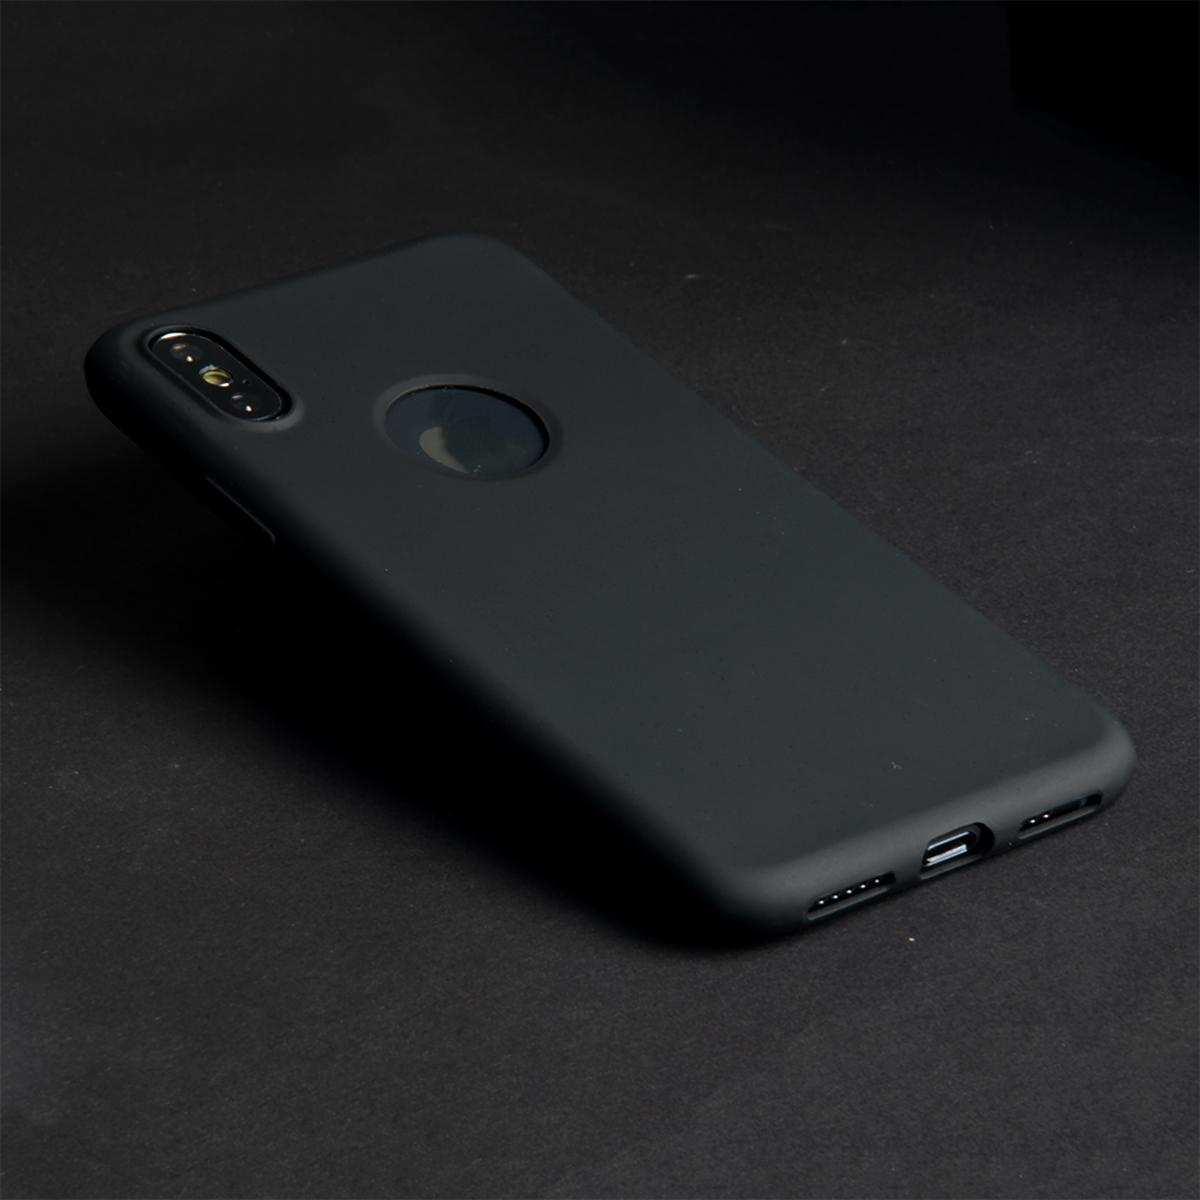 iPhone xs max Kılıf İnce Esnek Silikon Kılıf - Siyah